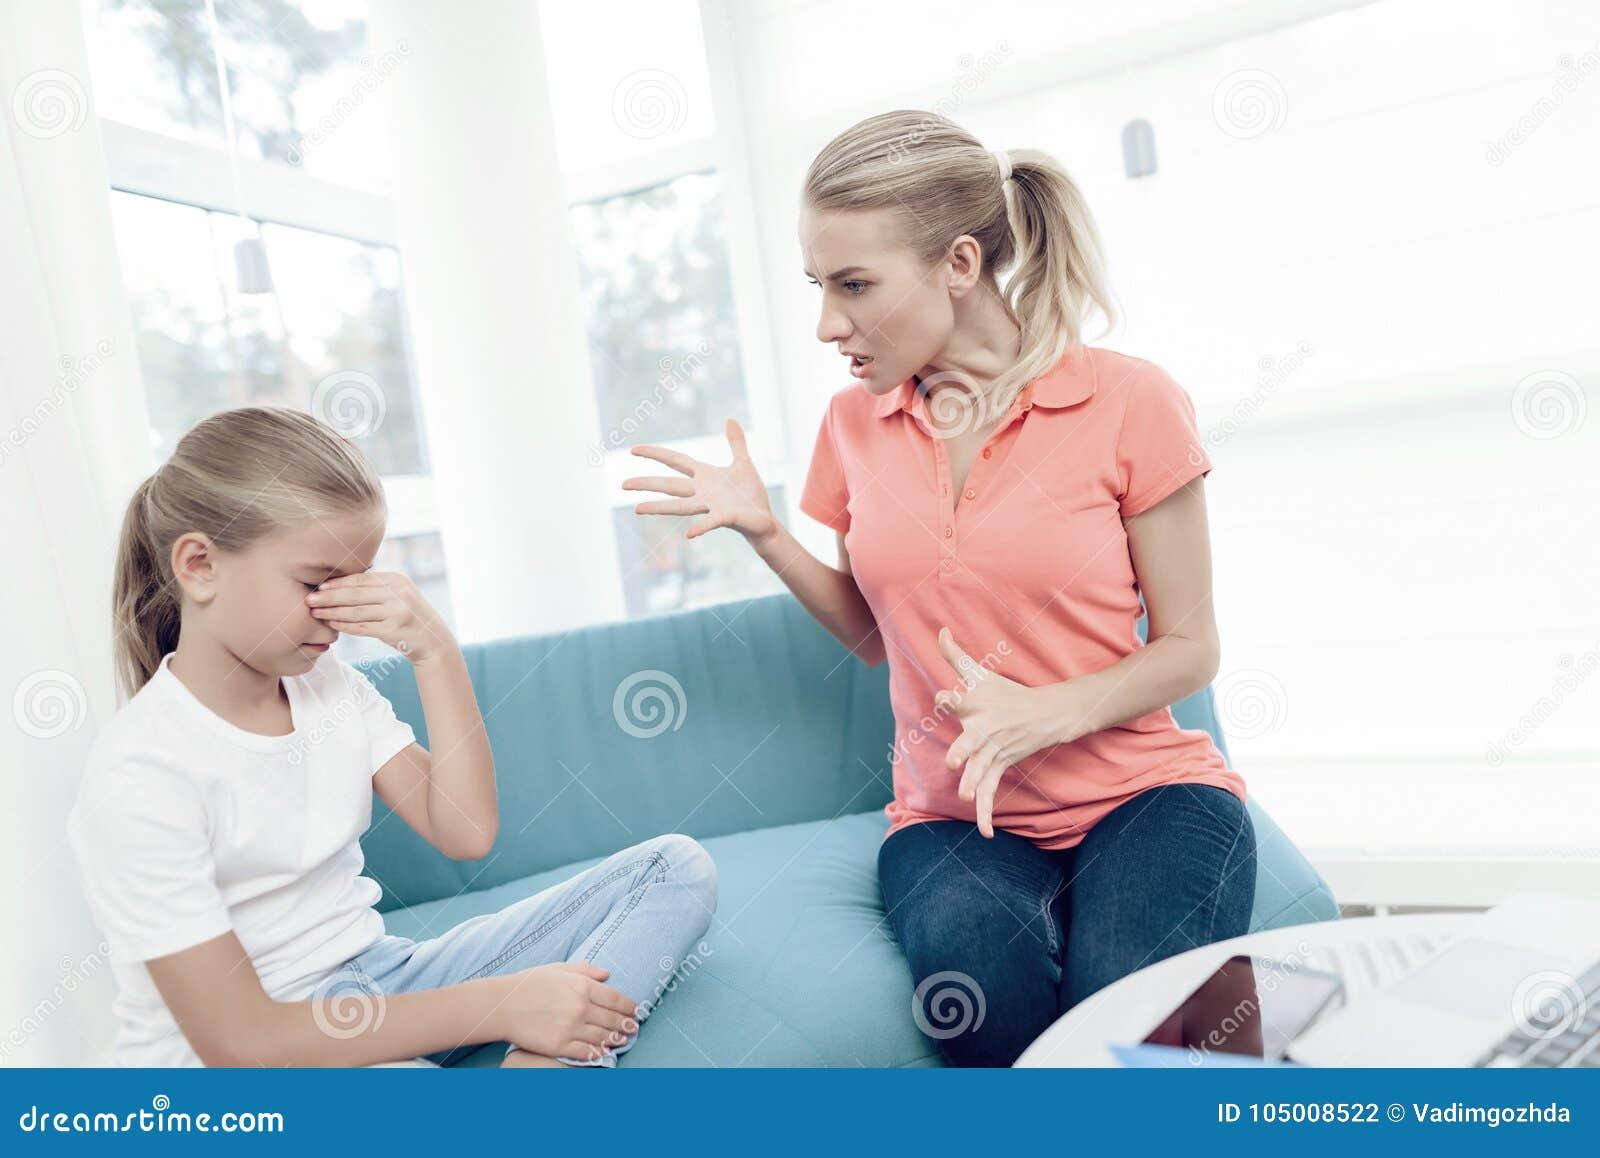 A mãe é apaixonado sobre o trabalho em um portátil As filhas não têm bastante atenção da mãe